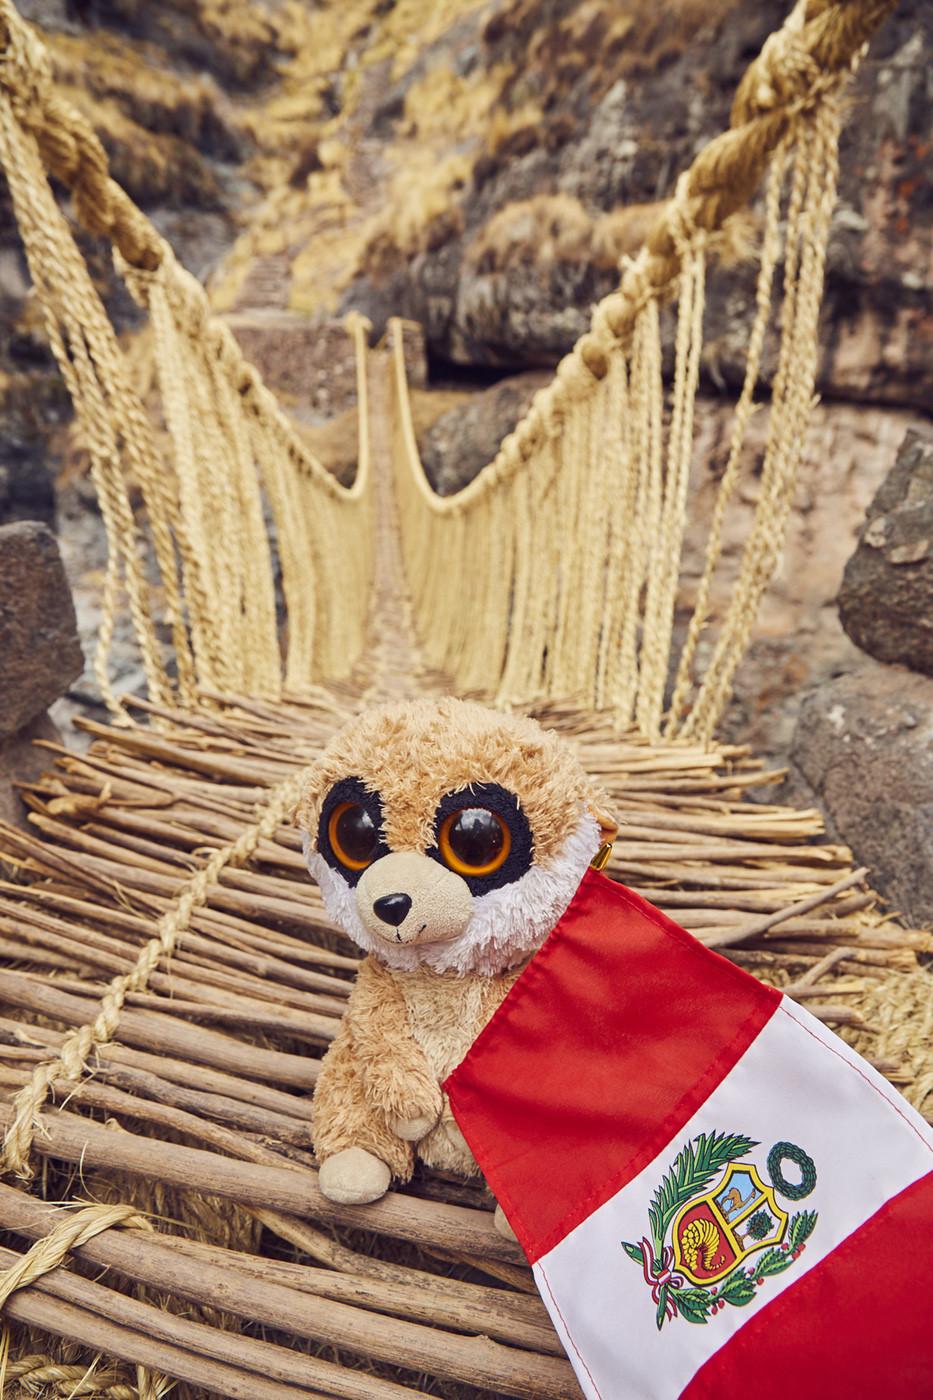 Ed unserem Reisemaskottchen hat die Brücke auch gefallen, er hält die peruanische Flagge